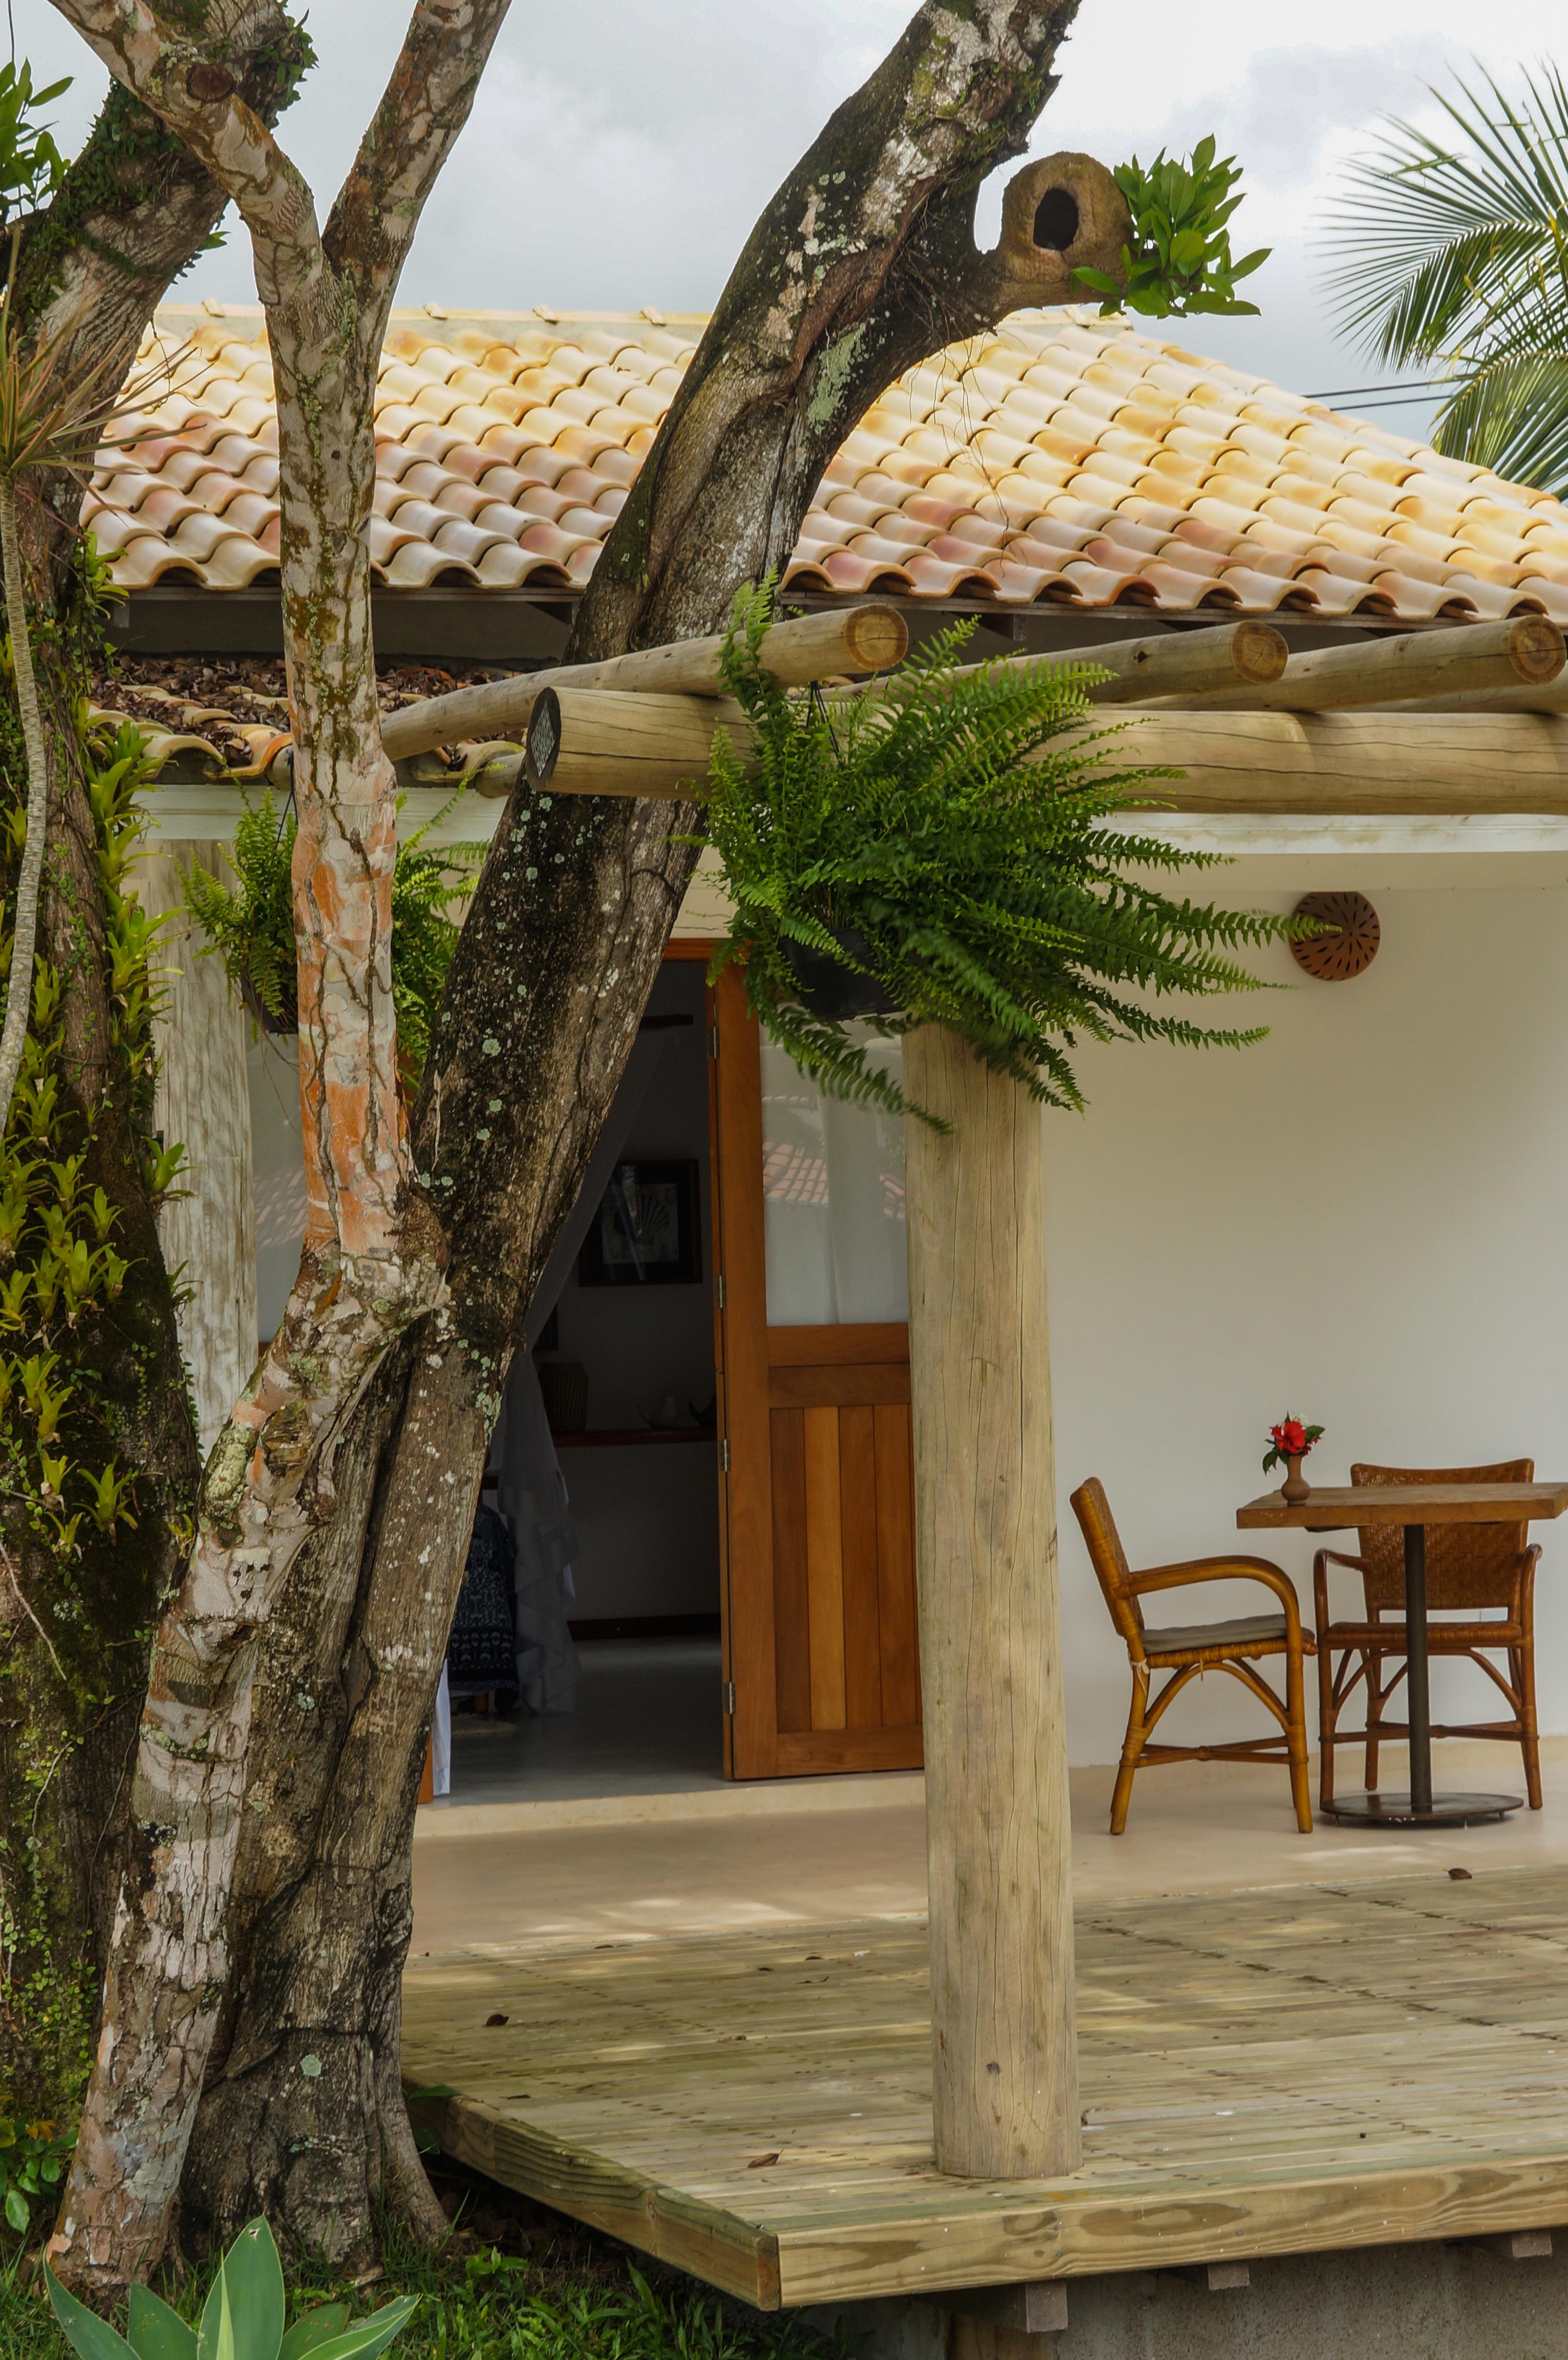 Vila Morena Trancoso